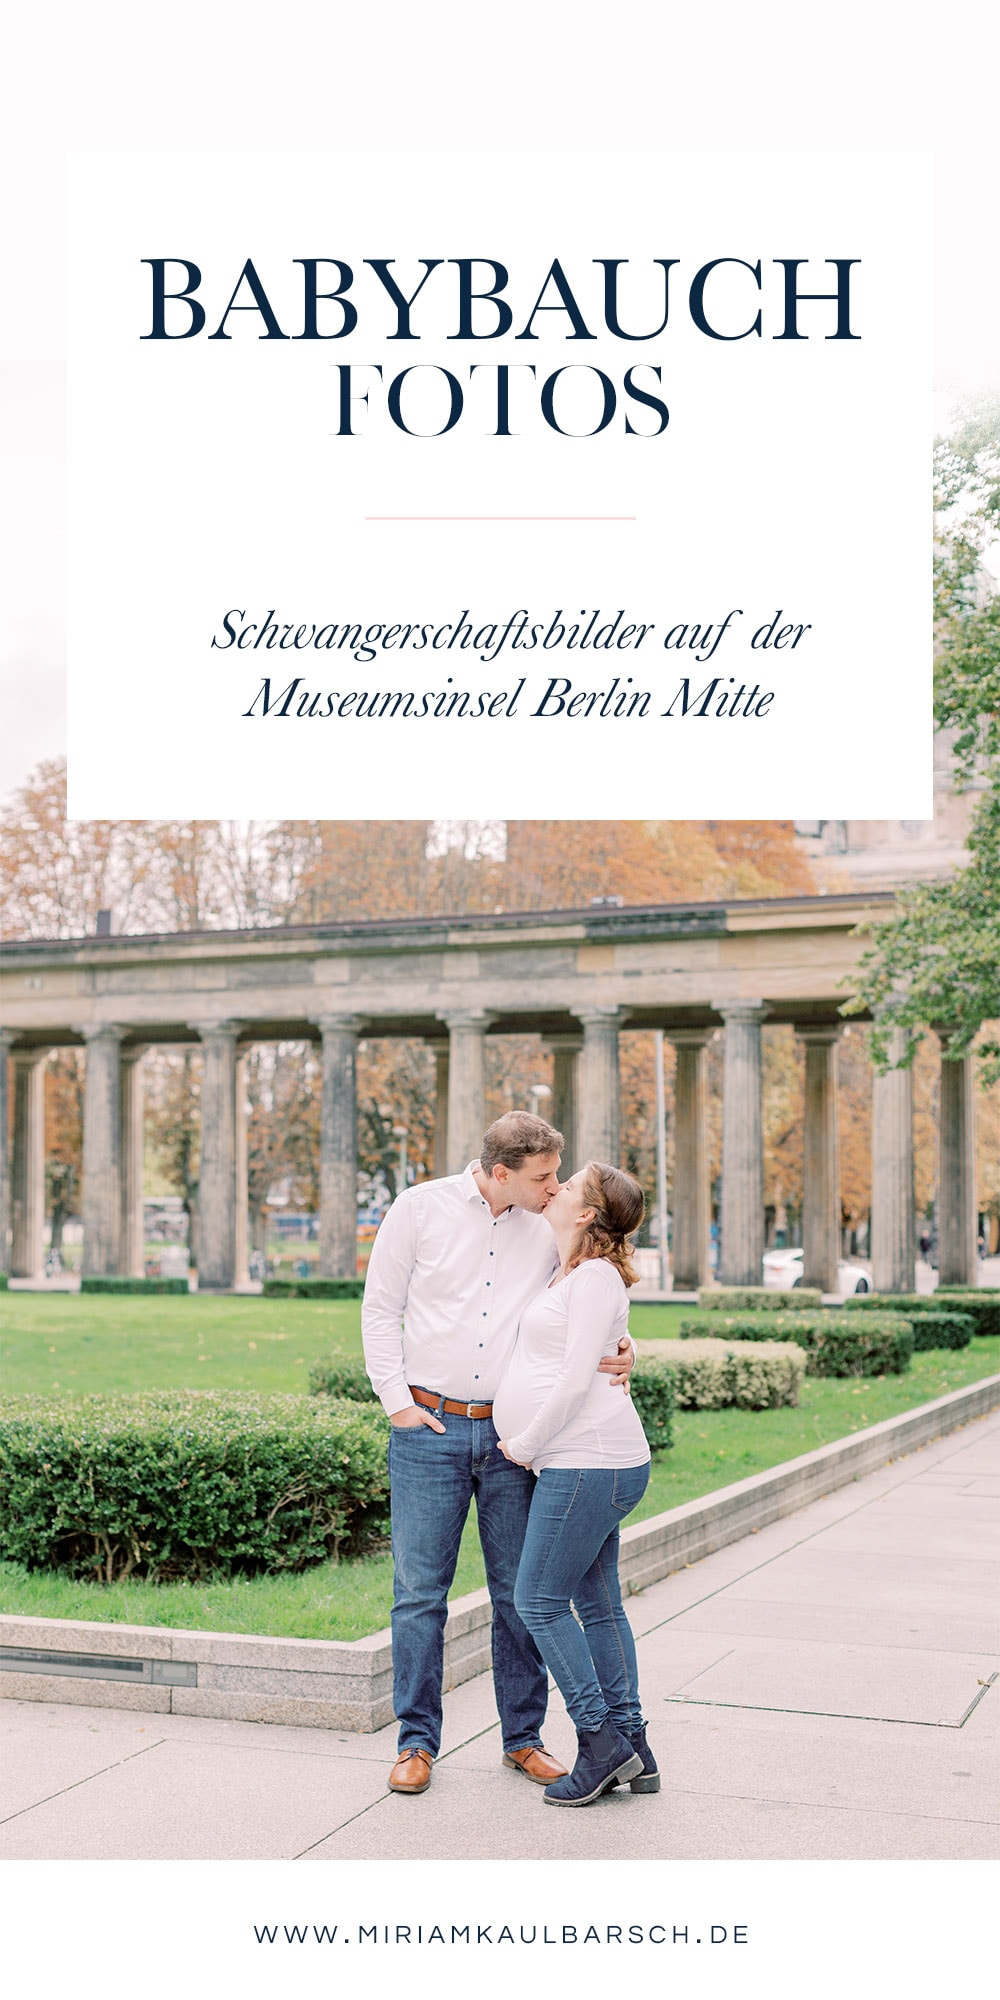 Babybauch Fotos in Berlin Mitte auf der Museumsinsel